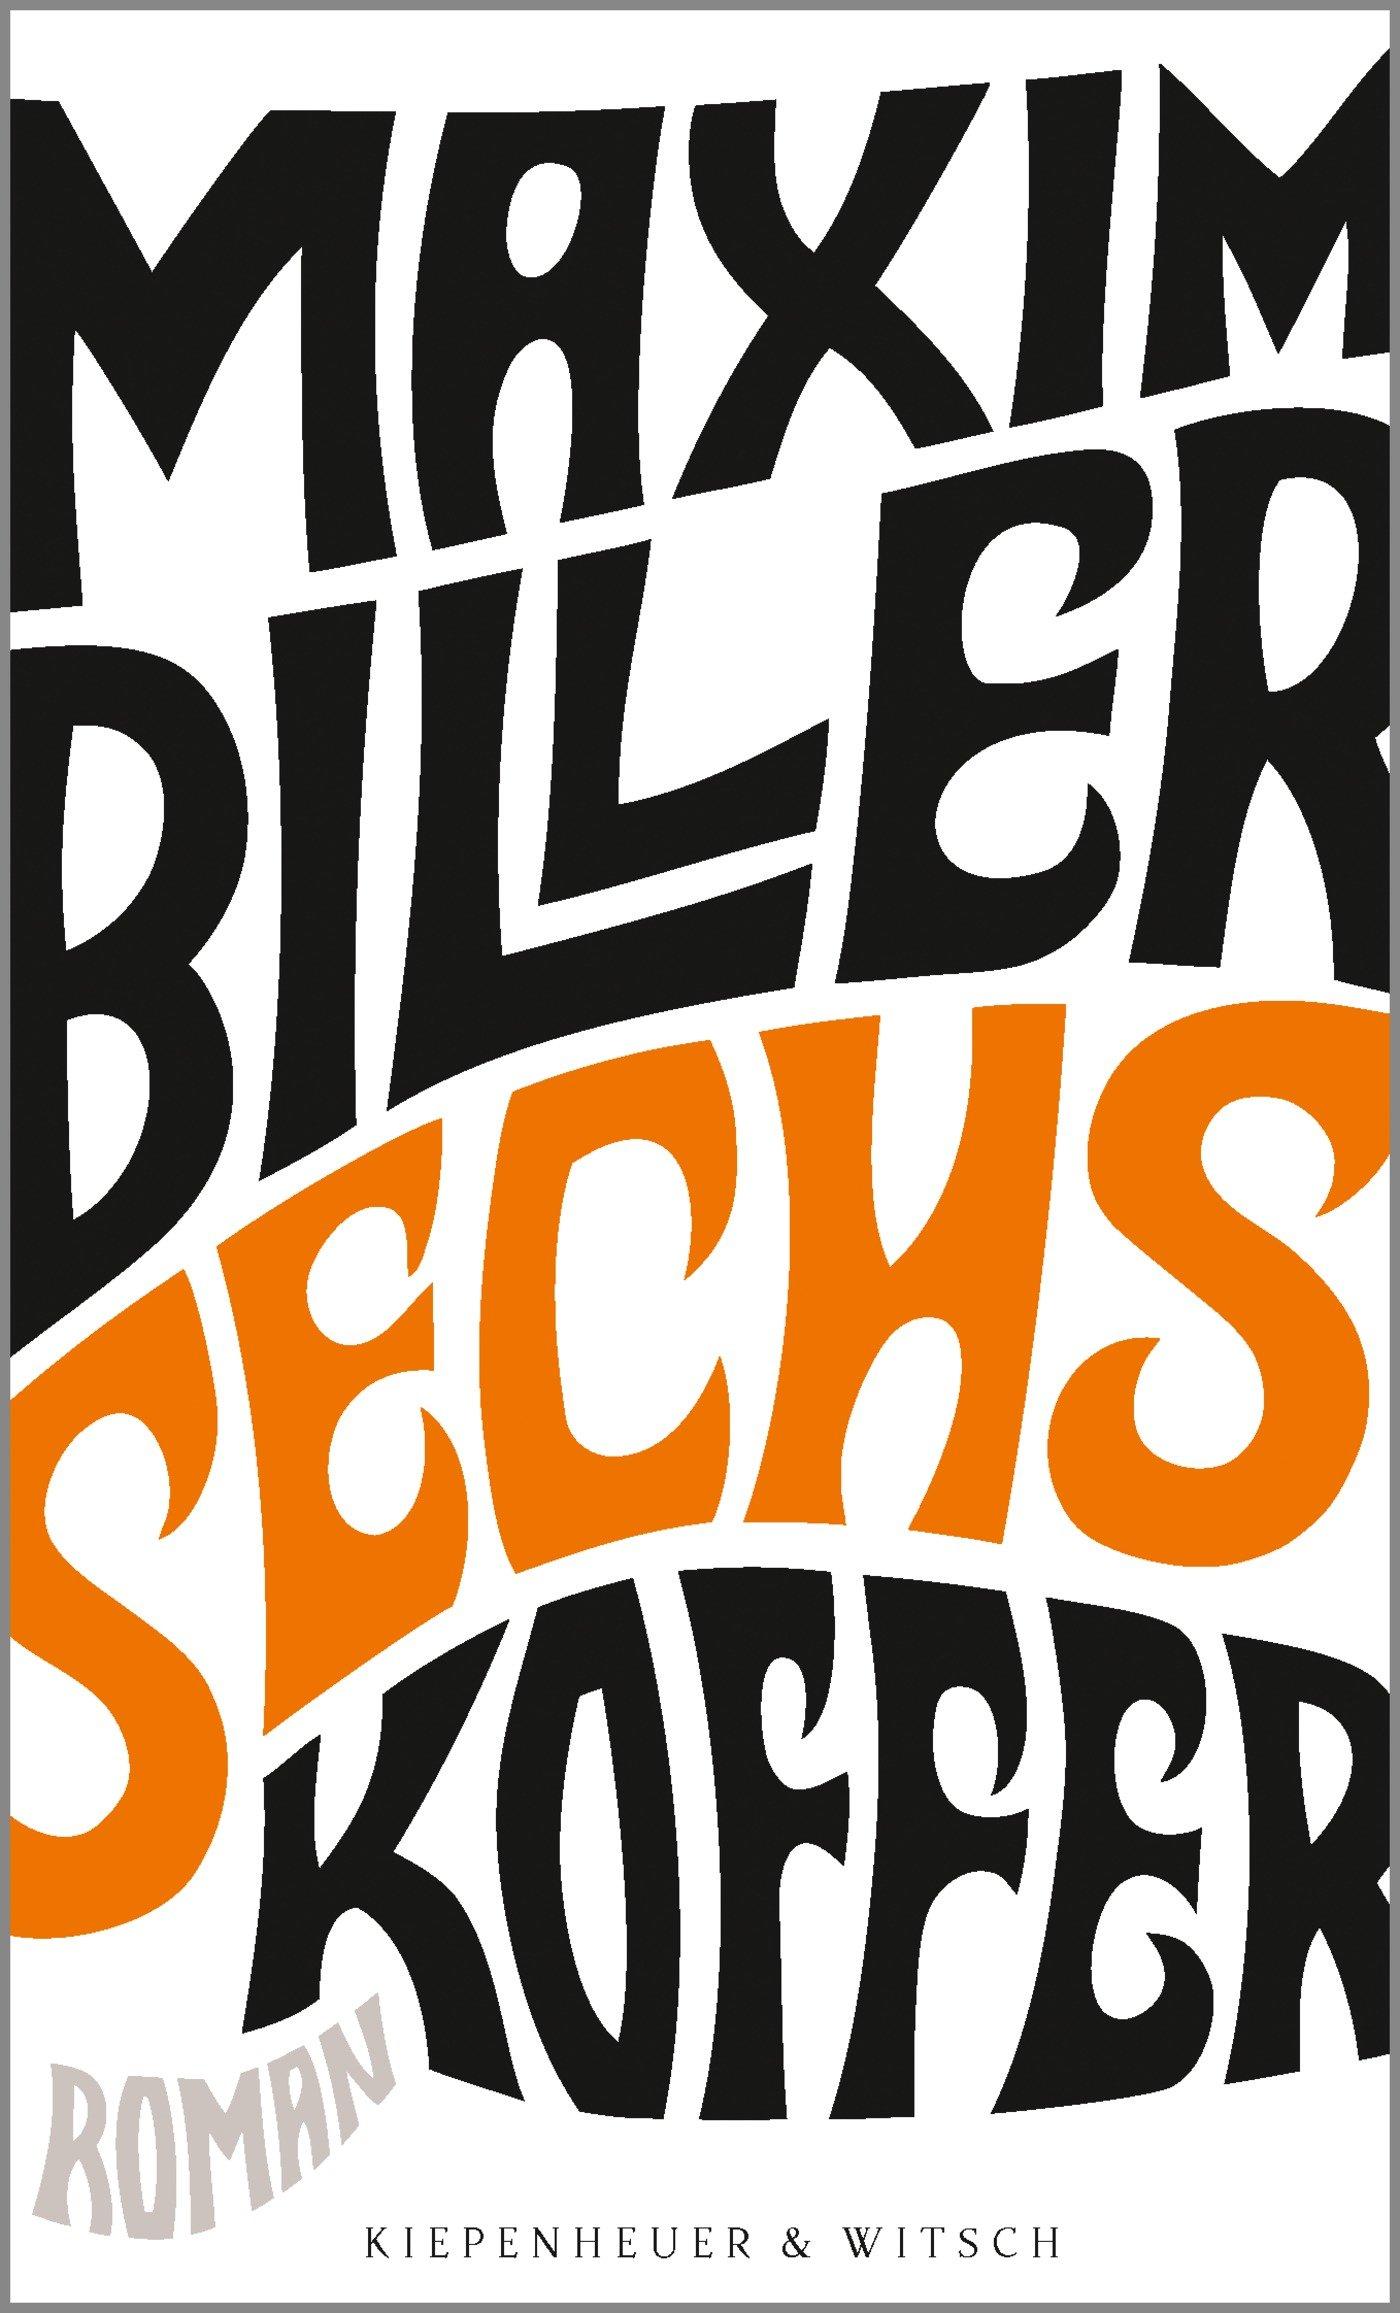 Maxim Biller  : Sechs Koffer